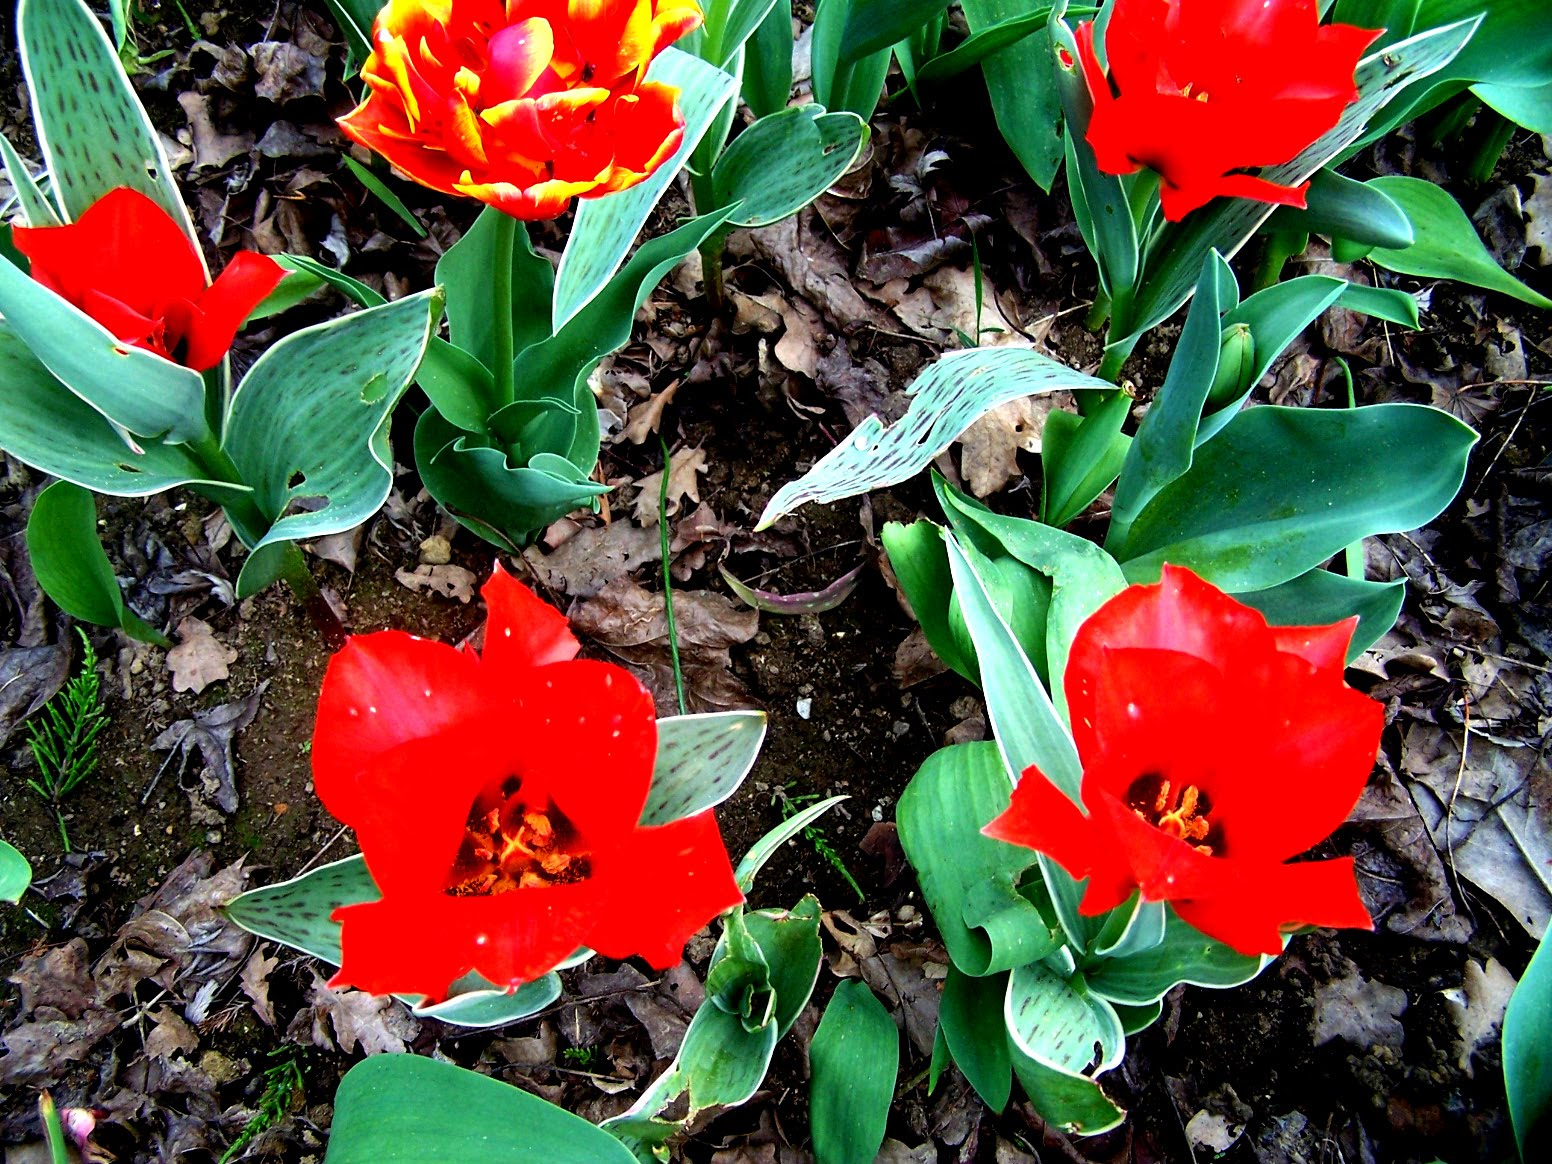 Bienvenue dans mon jardin a fill sur sarthe avril le for Bienvenue dans mon jardin